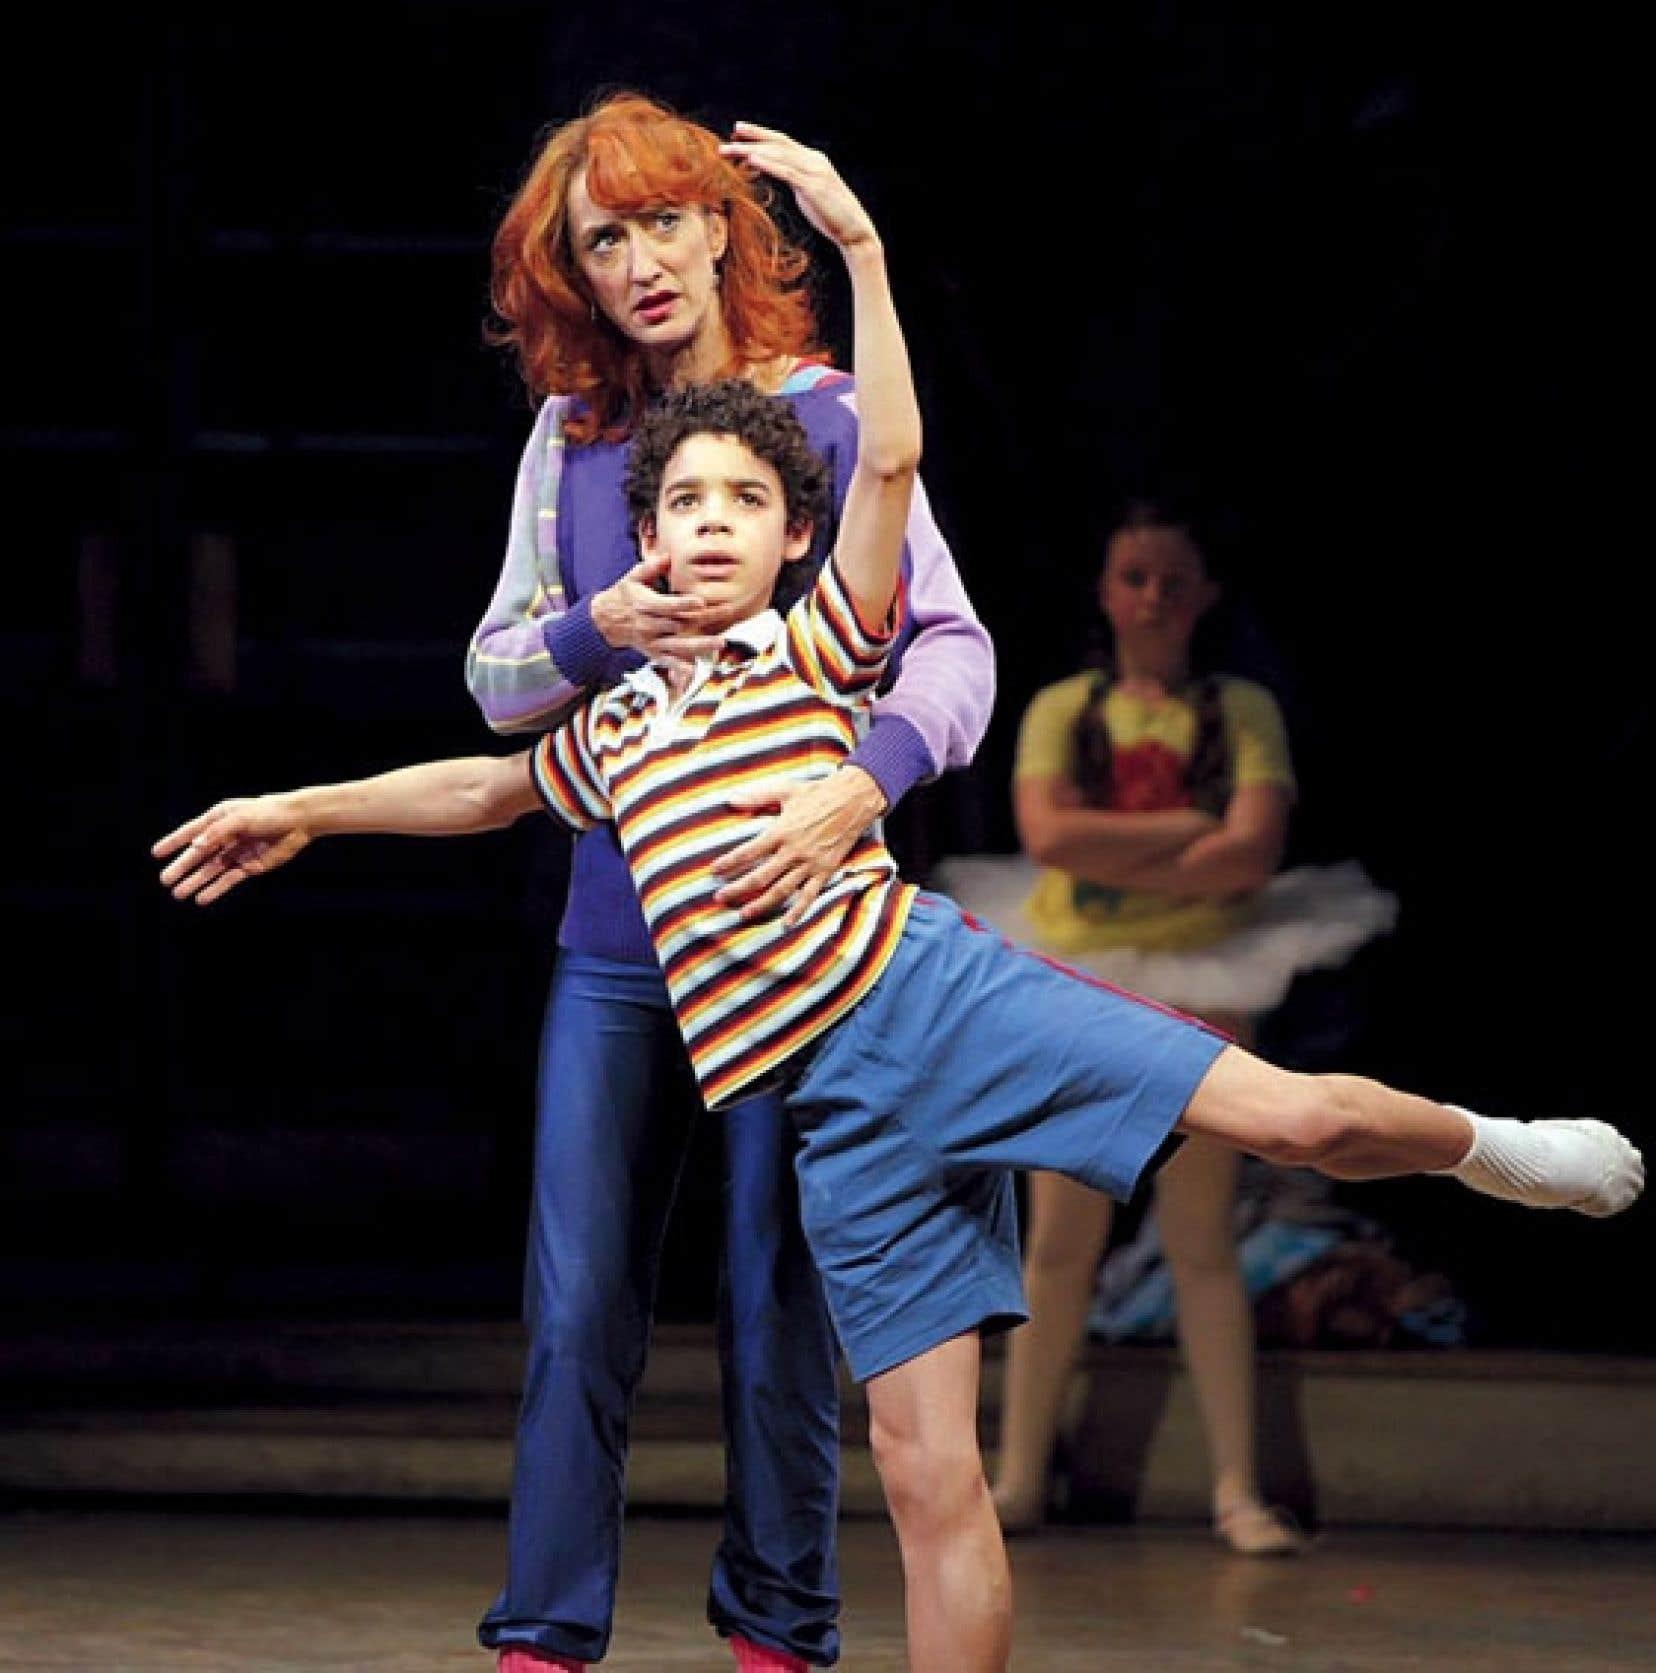 Dans l'adaptation scénique du film de Stephen Daldry, le jeune Billy Elliot a le ballet classique dans la peau. Malgré les réticences de son père, il dansera coûte que coûte.